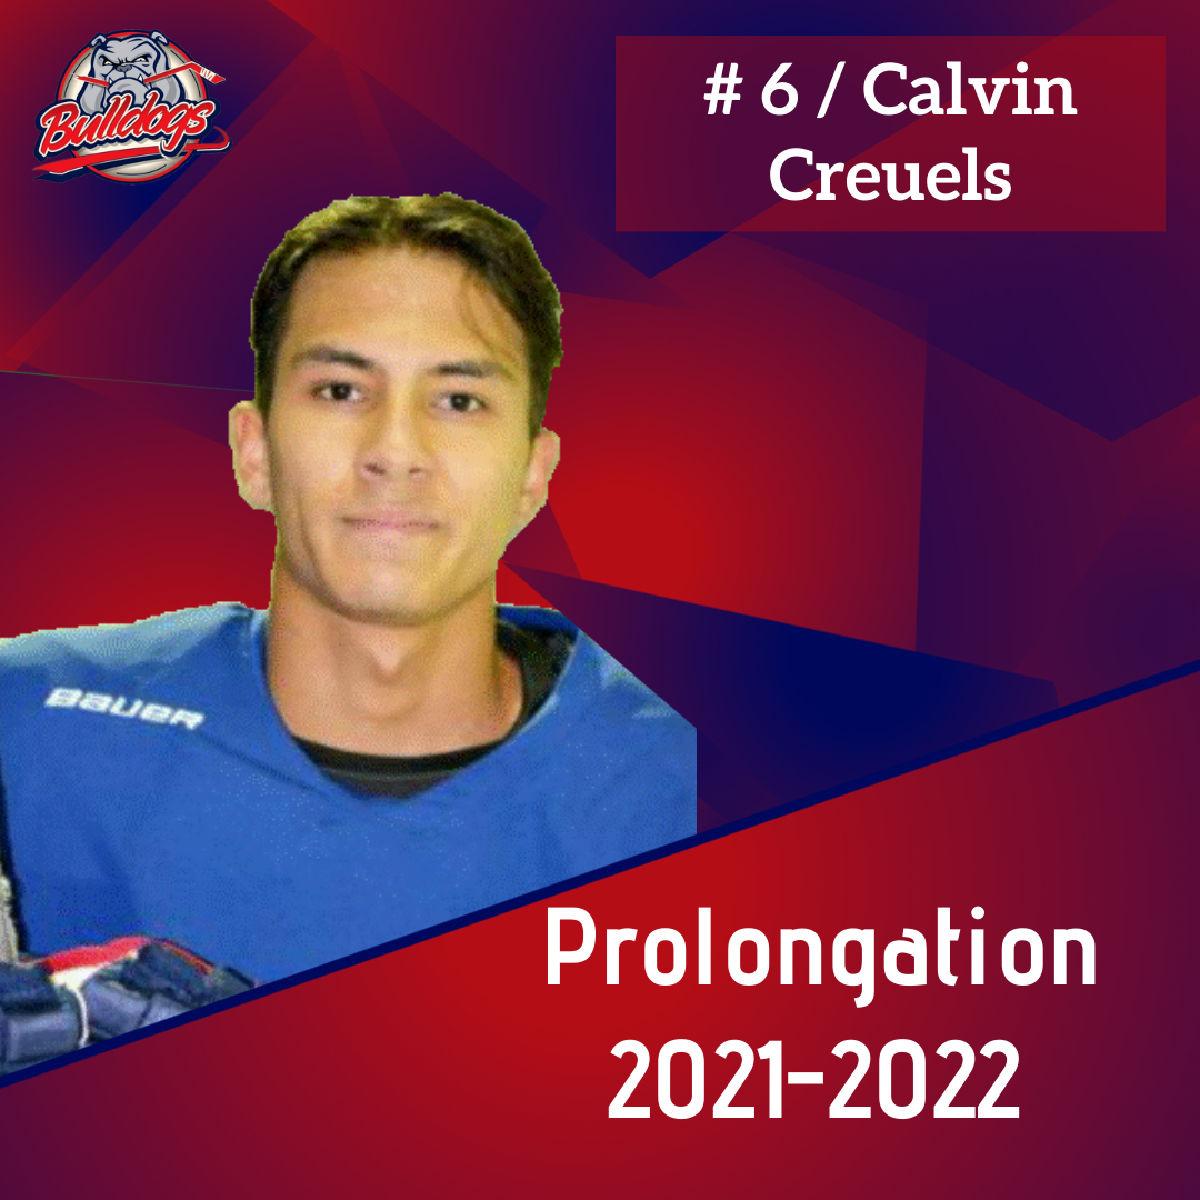 Prolongation pour Calvin Creuels